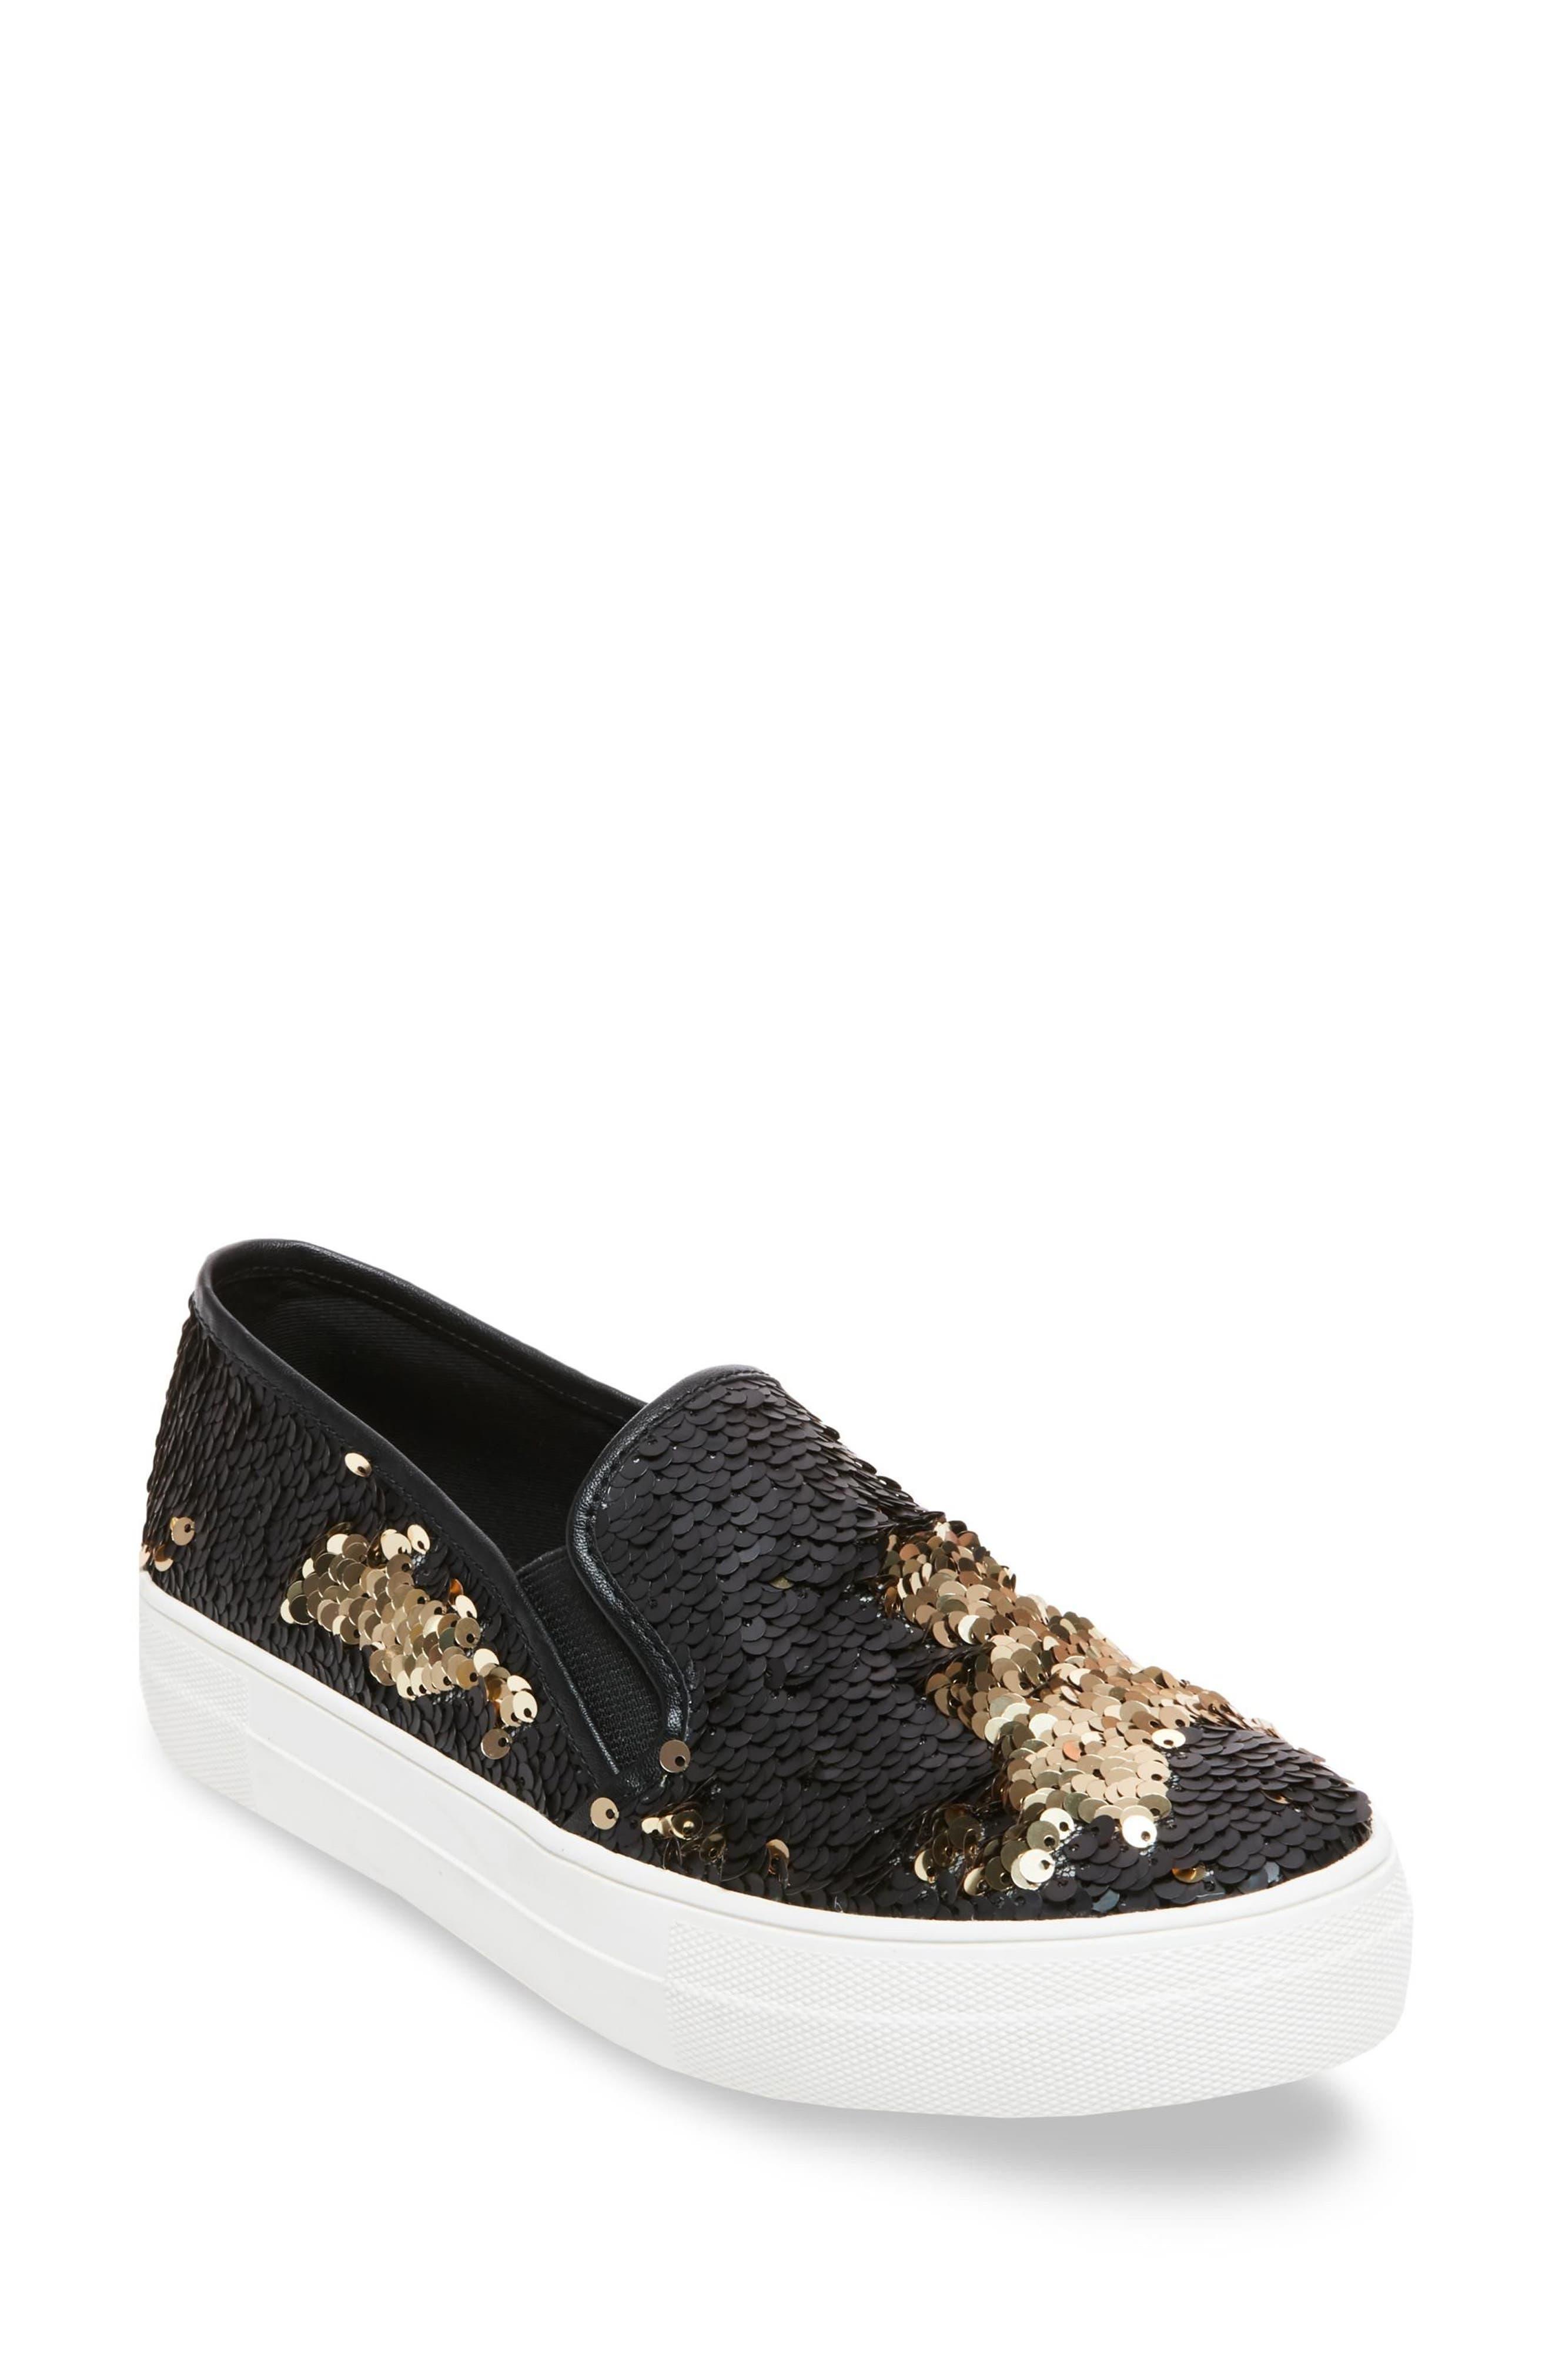 Gills Sequined Slip-On Platform Sneaker,                         Main,                         color, 001